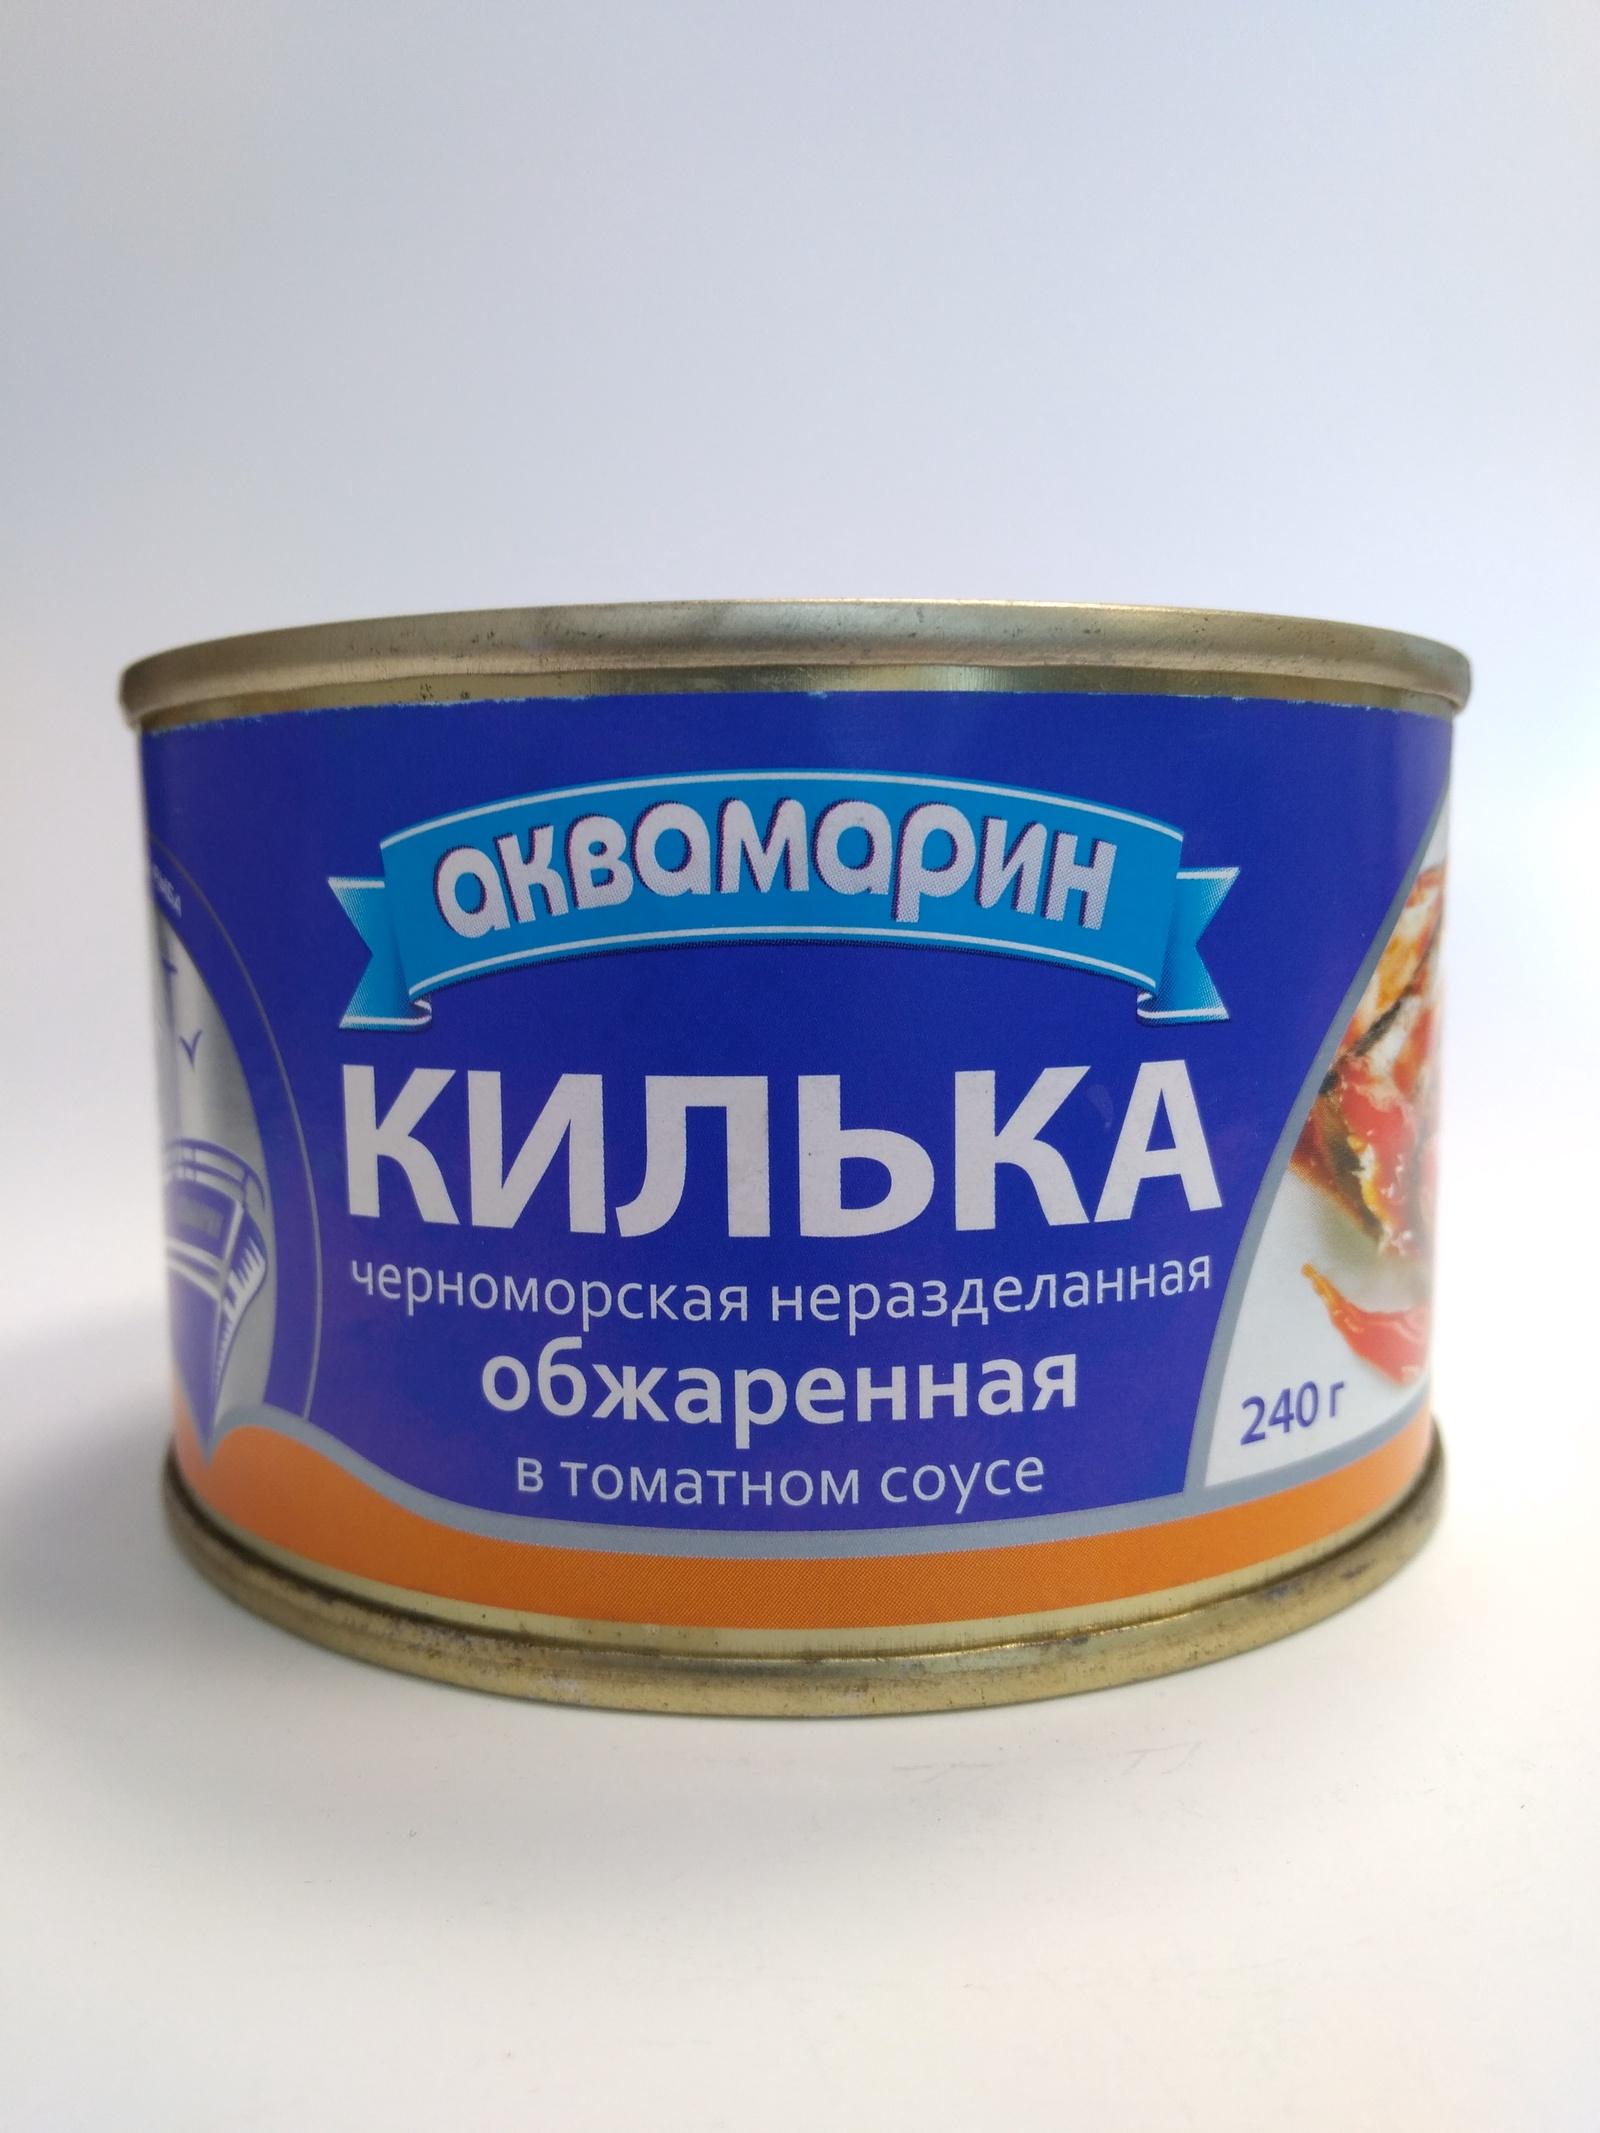 Рыбные консервы Аквамарин килька черноморская неразделанная обжаренная в томатном соусе Жестяная банка, 240 бычки аквамарин в томатном соусе 240 г